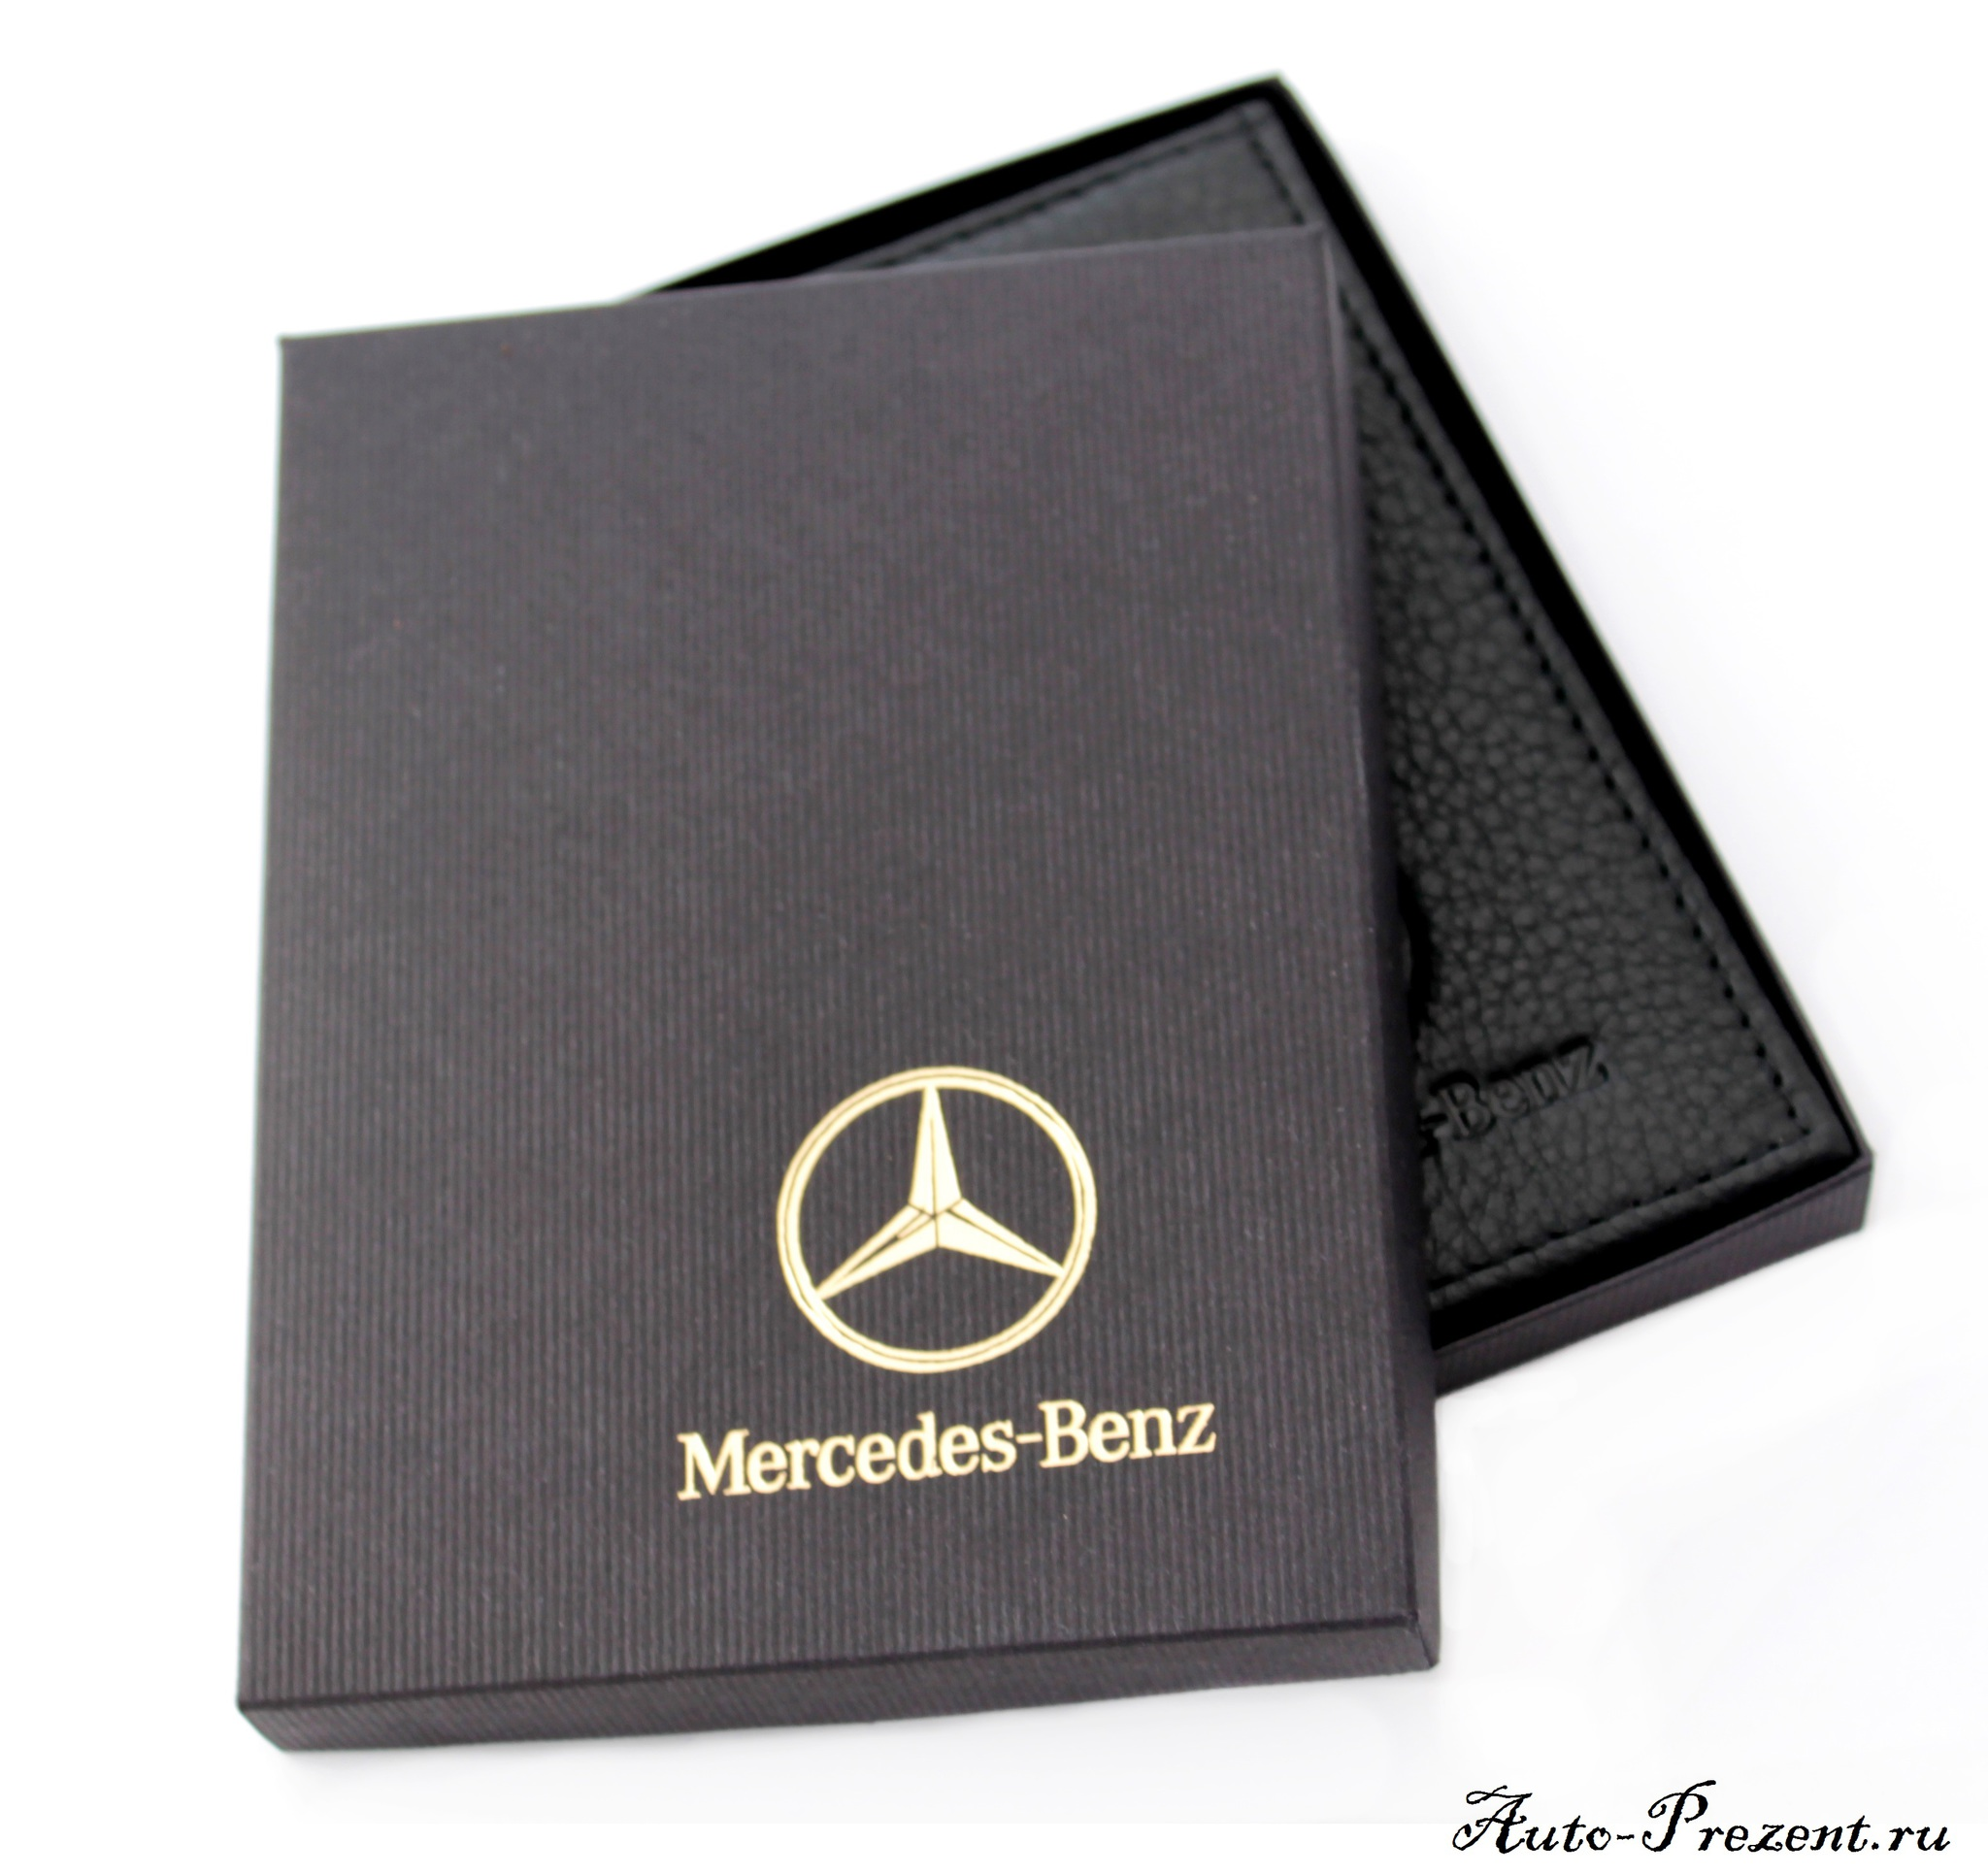 Портмоне для автодокументов из натуральной кожи с логотипом MERCEDES-BENZ